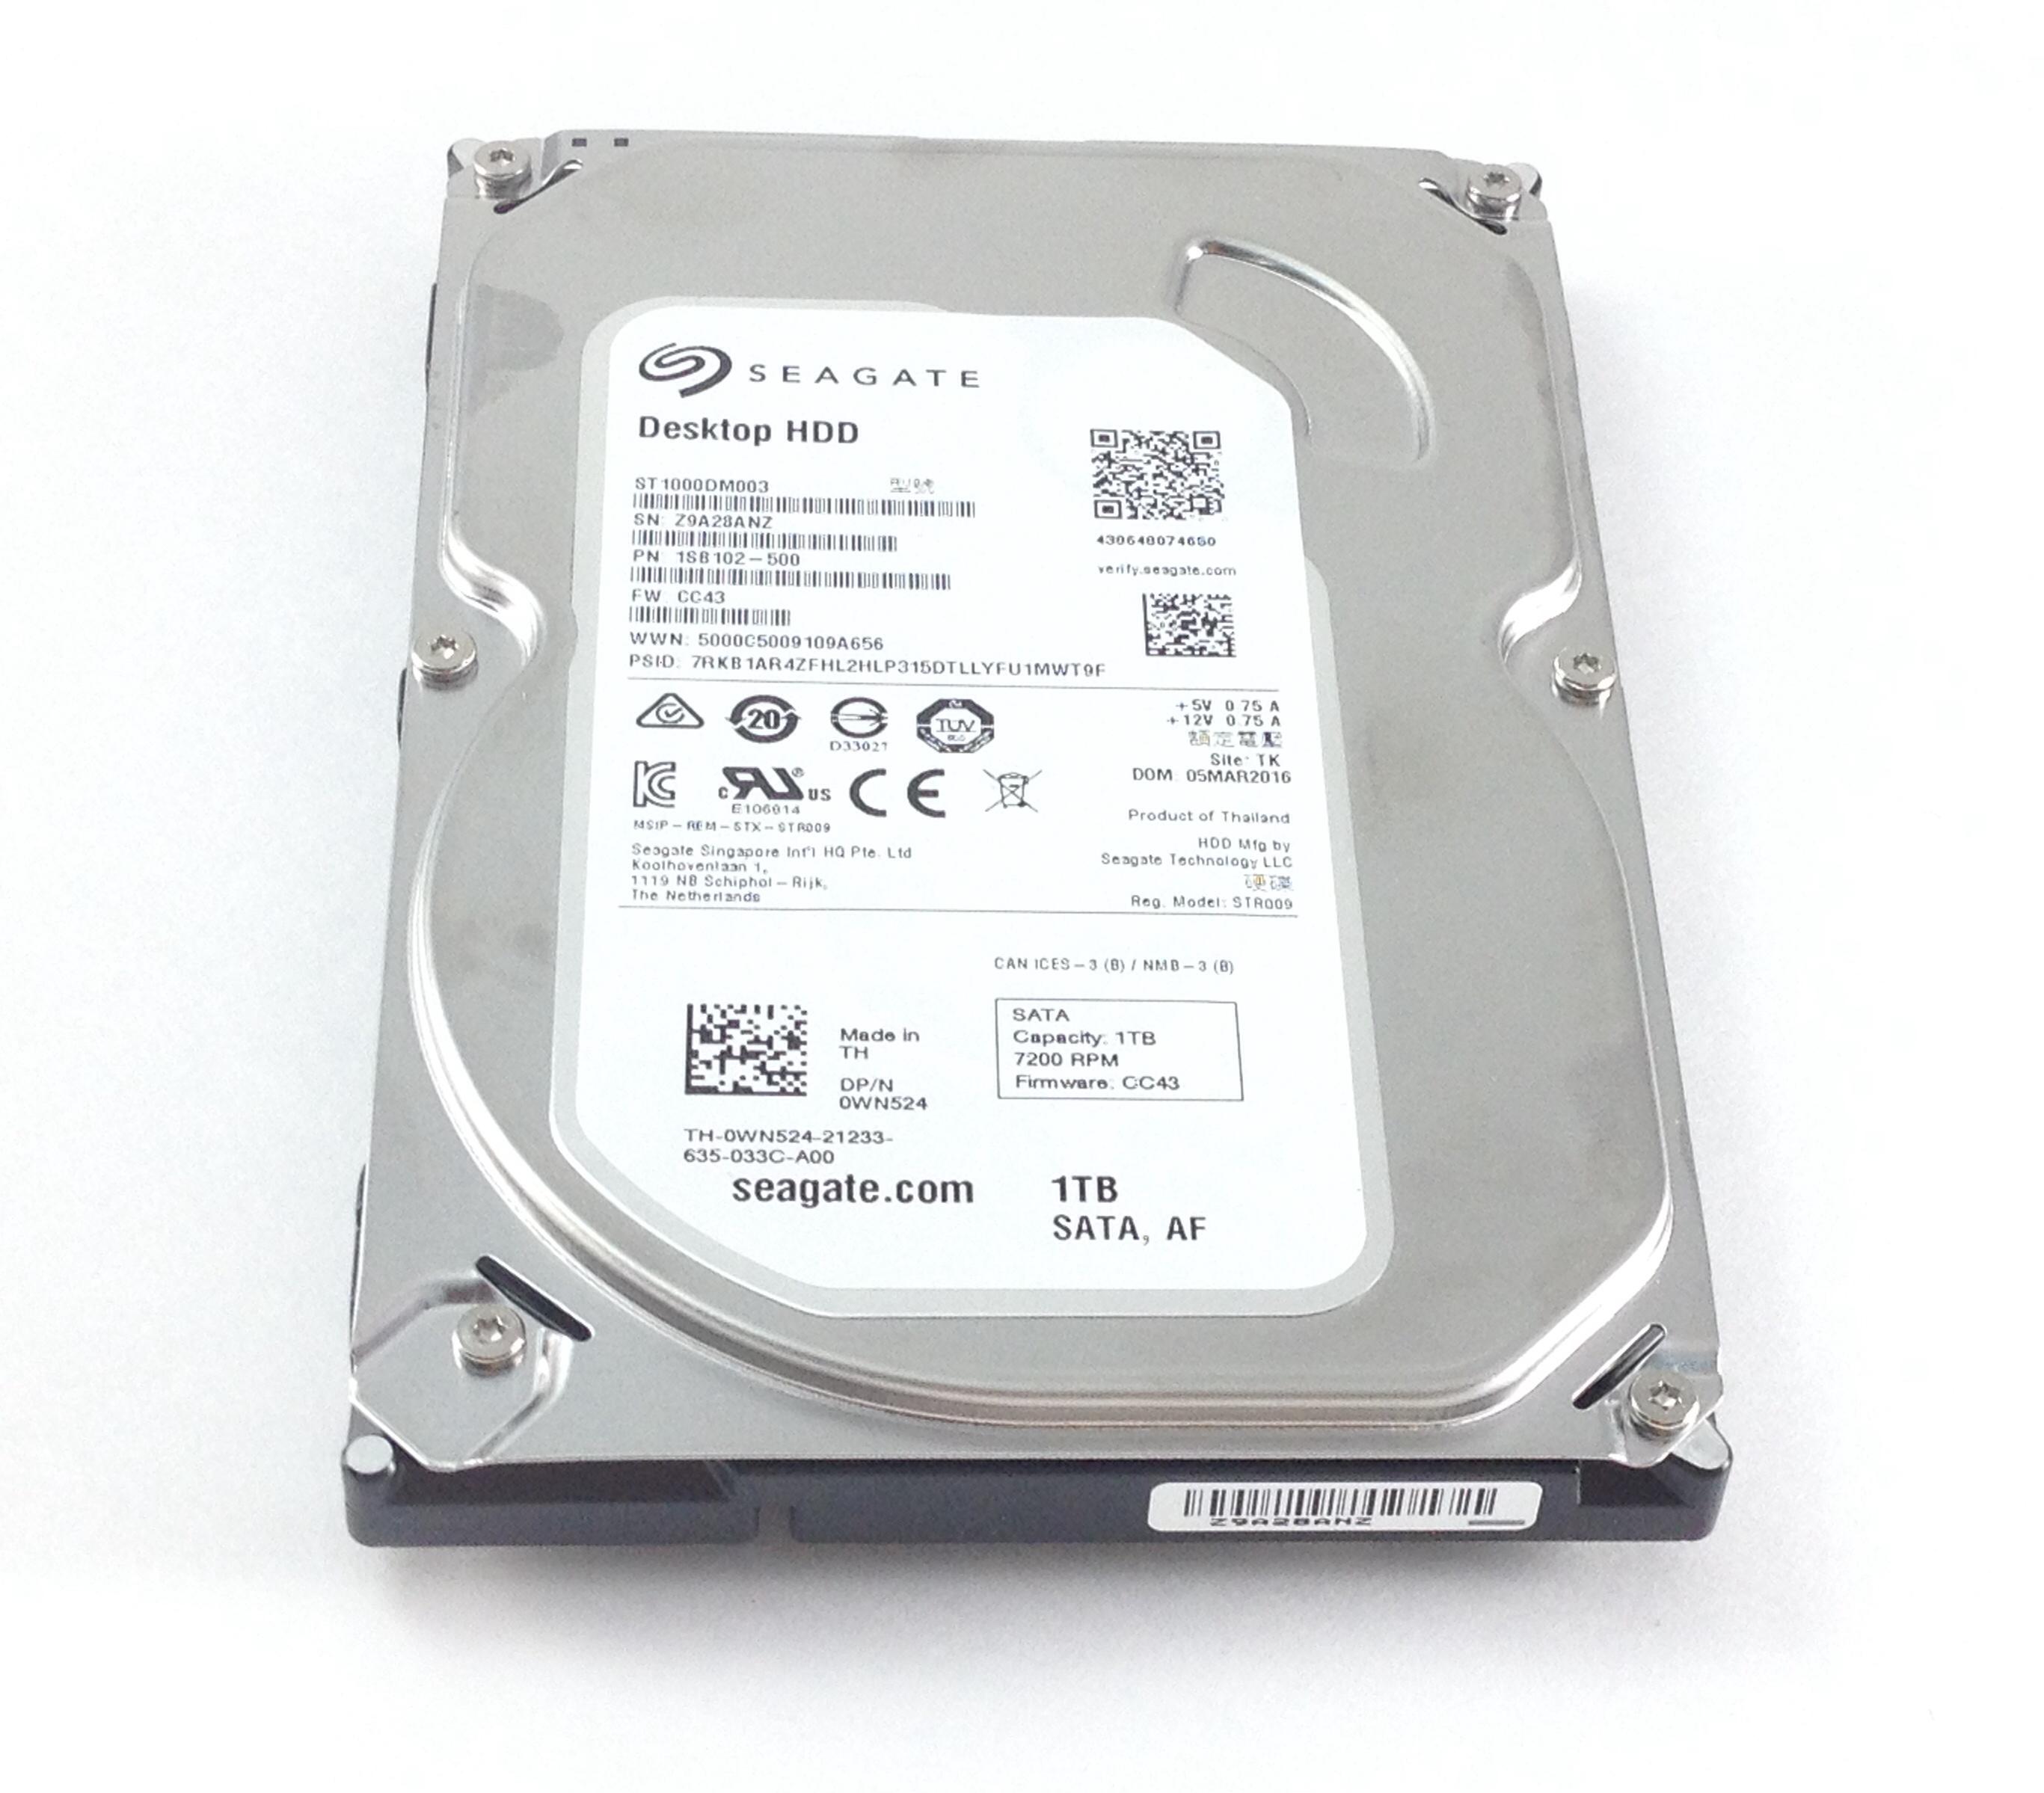 DELL SEAGATE 1TB 7.2K 6GBPS SATA 3.5'' HARD DRIVE (WN524)